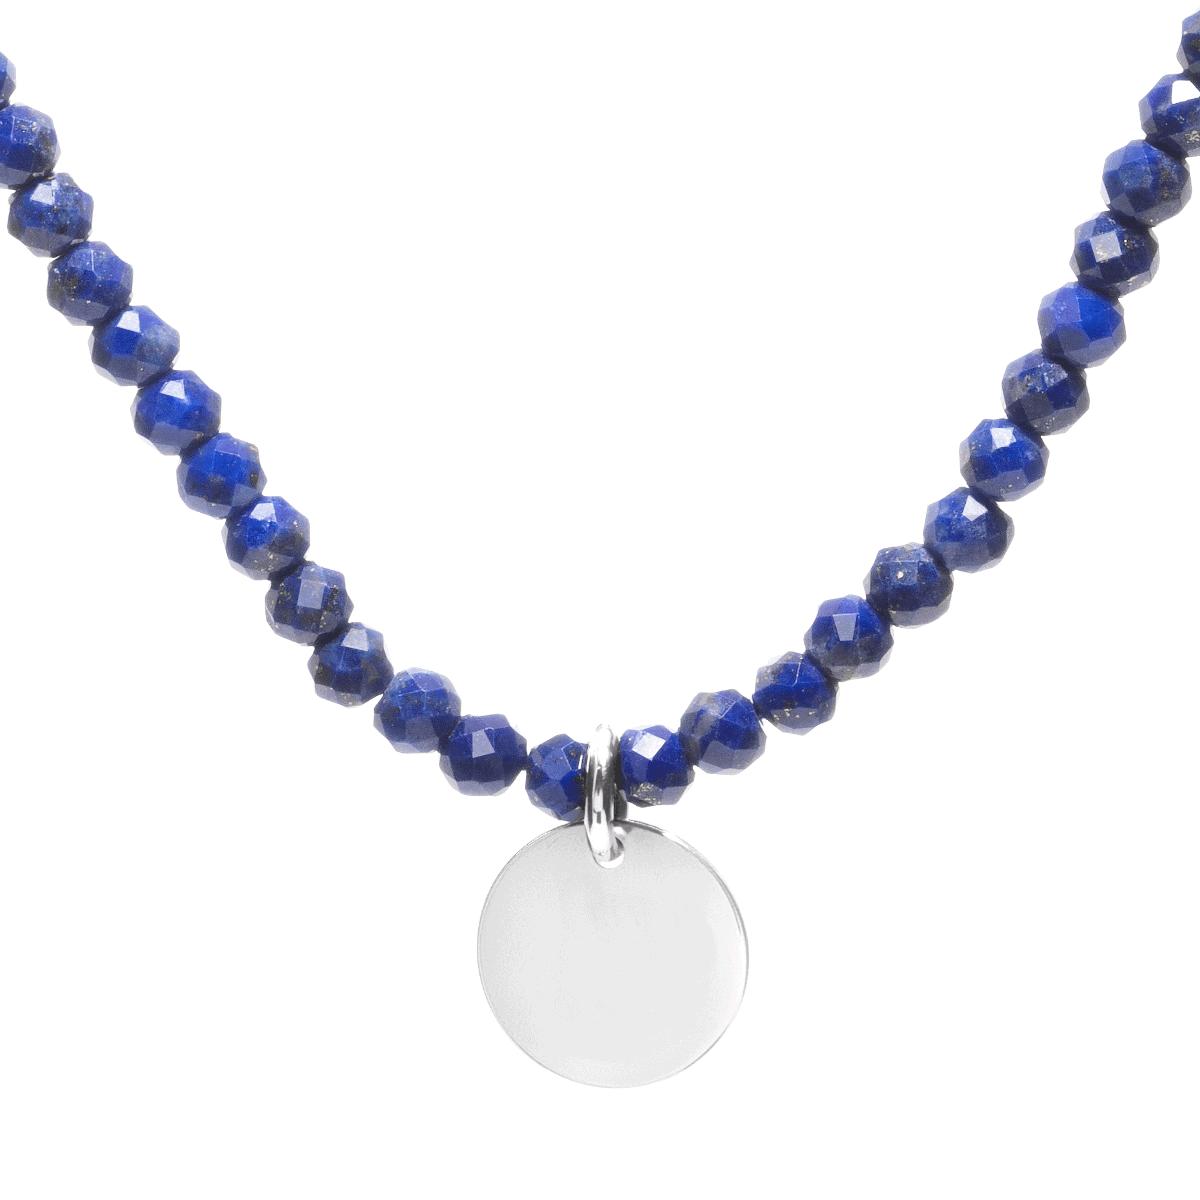 Naszyjnik z grawerem lapis lazuli na jasnym tle.